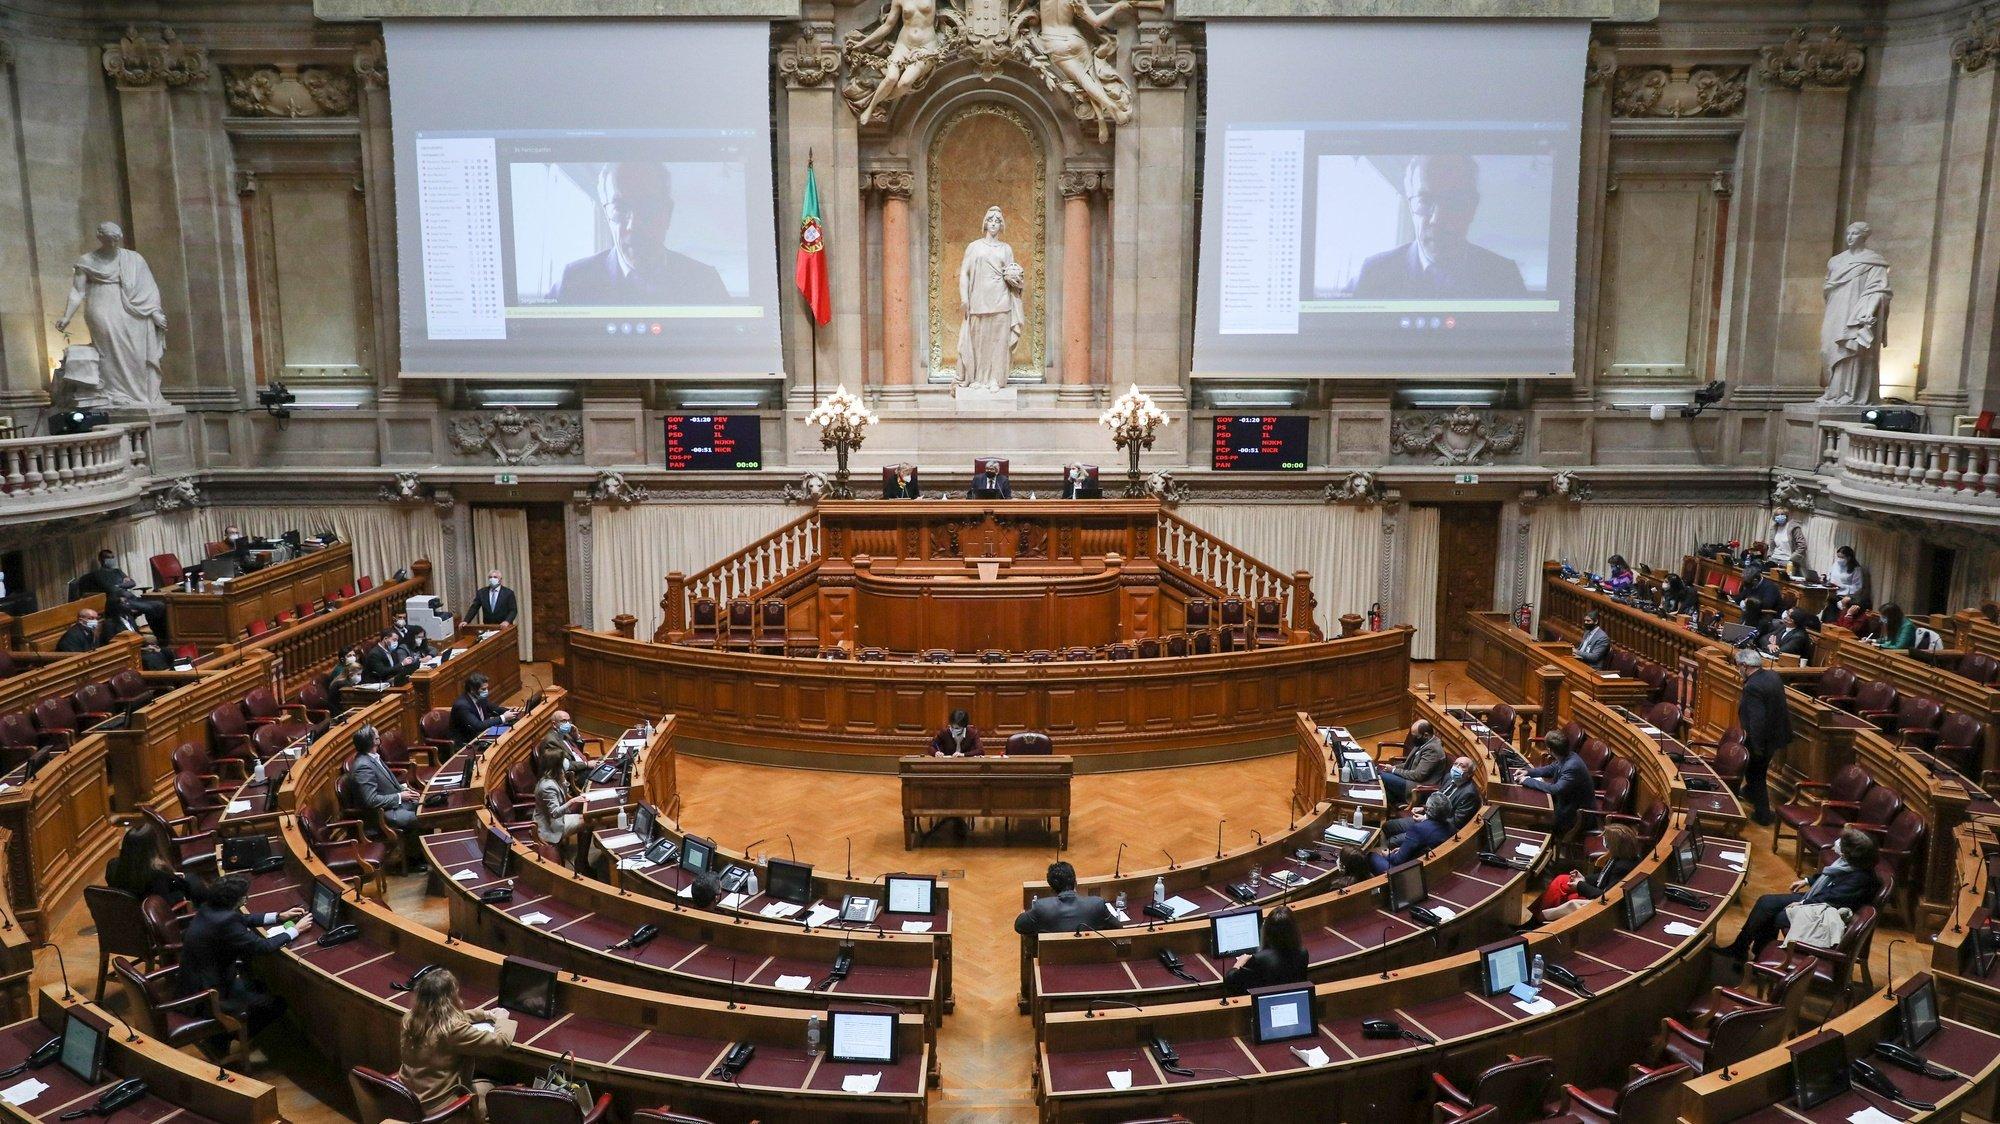 Deputados em videochamada durante a votação final global da despenalização da morte medicamente assistida, esta tarde na Assembleia da República, em Lisboa, 29 de janeiro de 2021. MIGUEL A. LOPES/LUSA